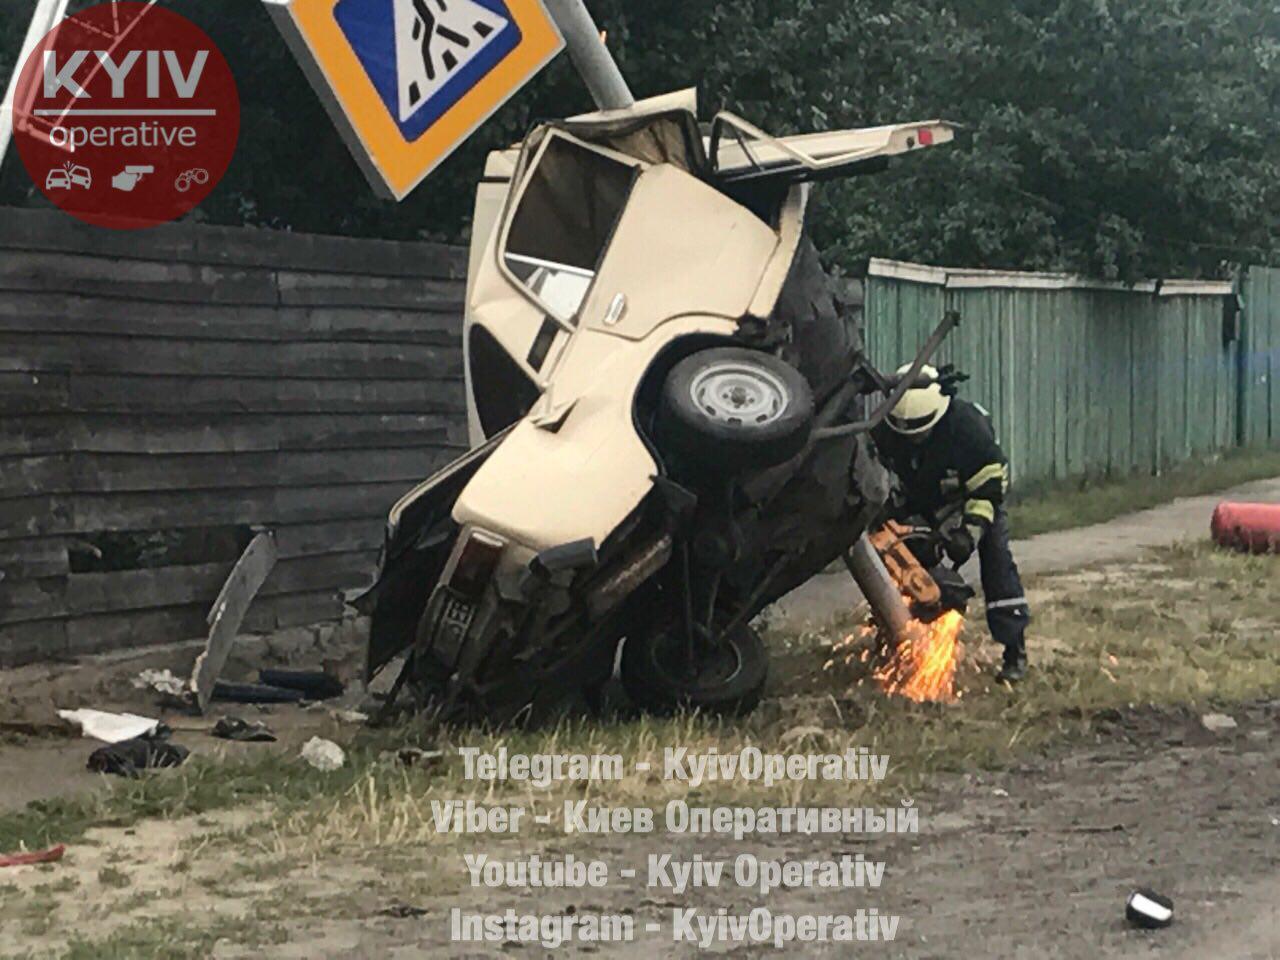 https://narodna-pravda.ua/wp-content/uploads/2017/08/photo_2017-08-21_20-08-22.jpg